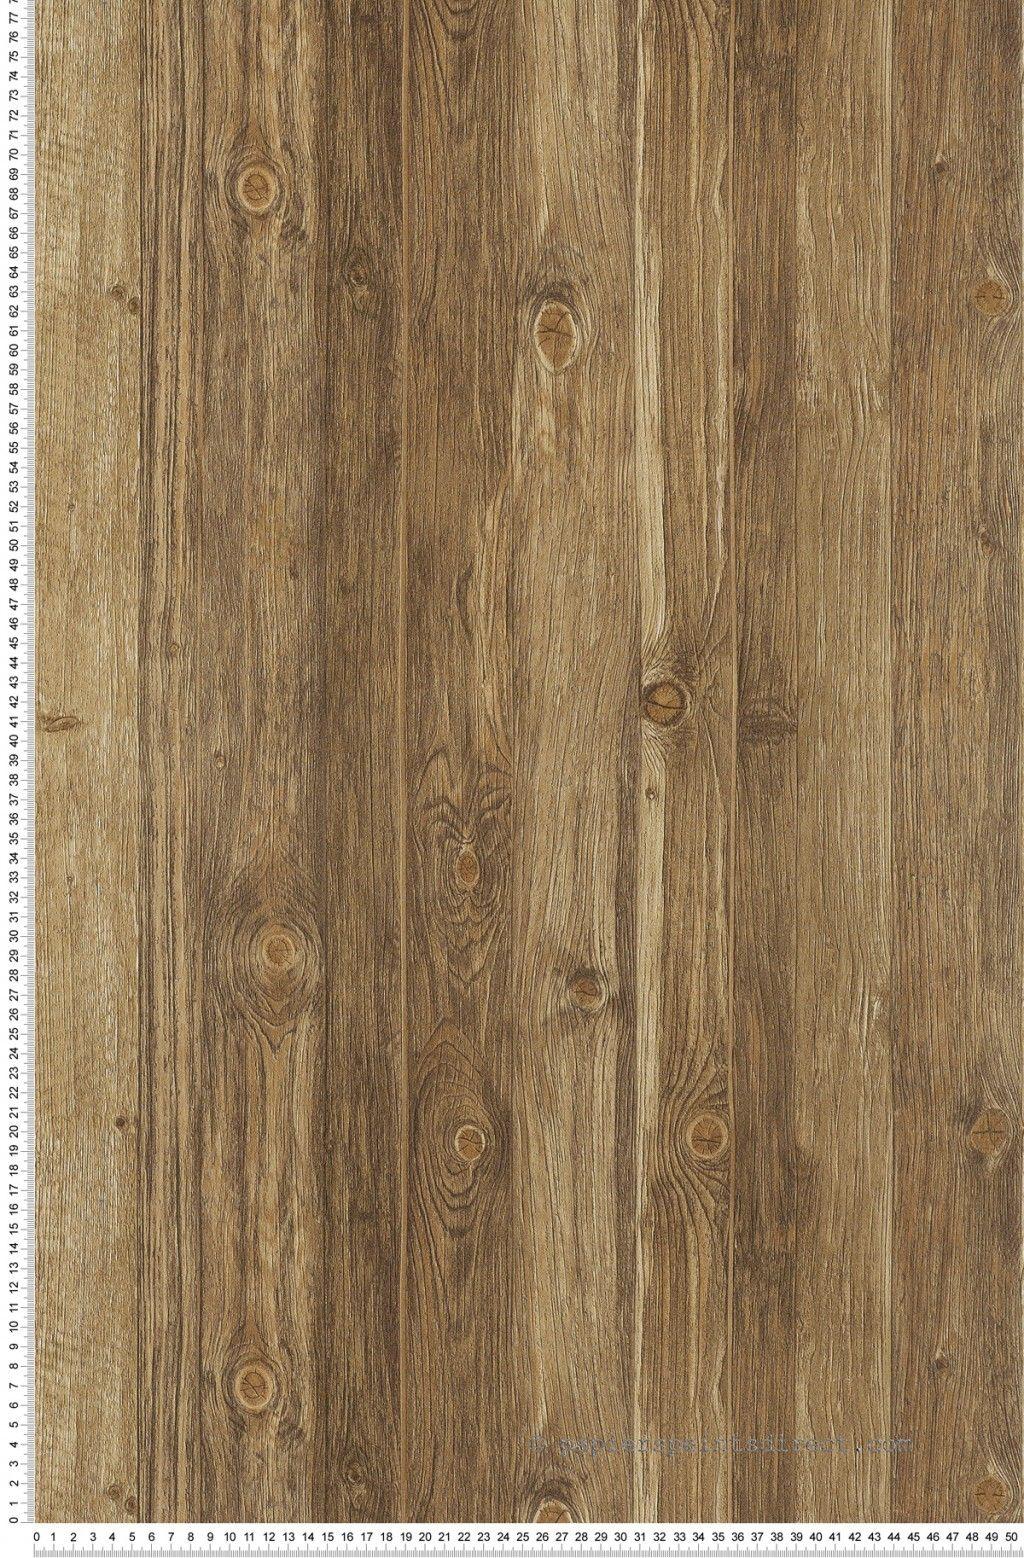 Trompe l 39 il effet bois brun wood 39 n stone agrandissement maison - Meuble trompe l oeil ...